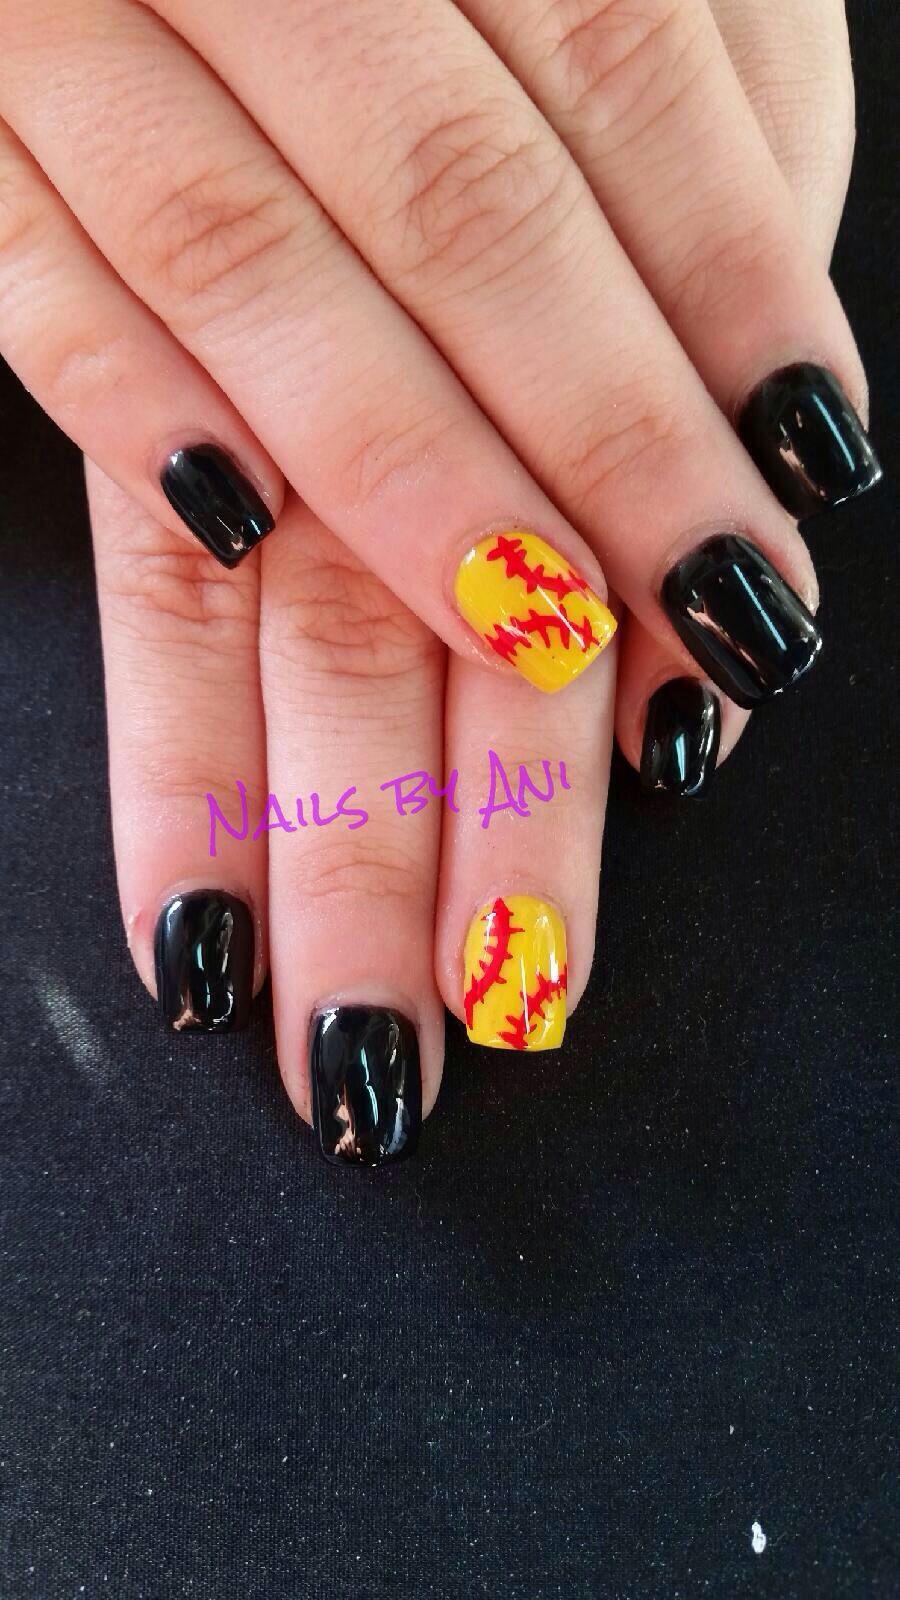 Softball nails - Softball Nails Acrylic Nail Designs Pinterest Softball Nails